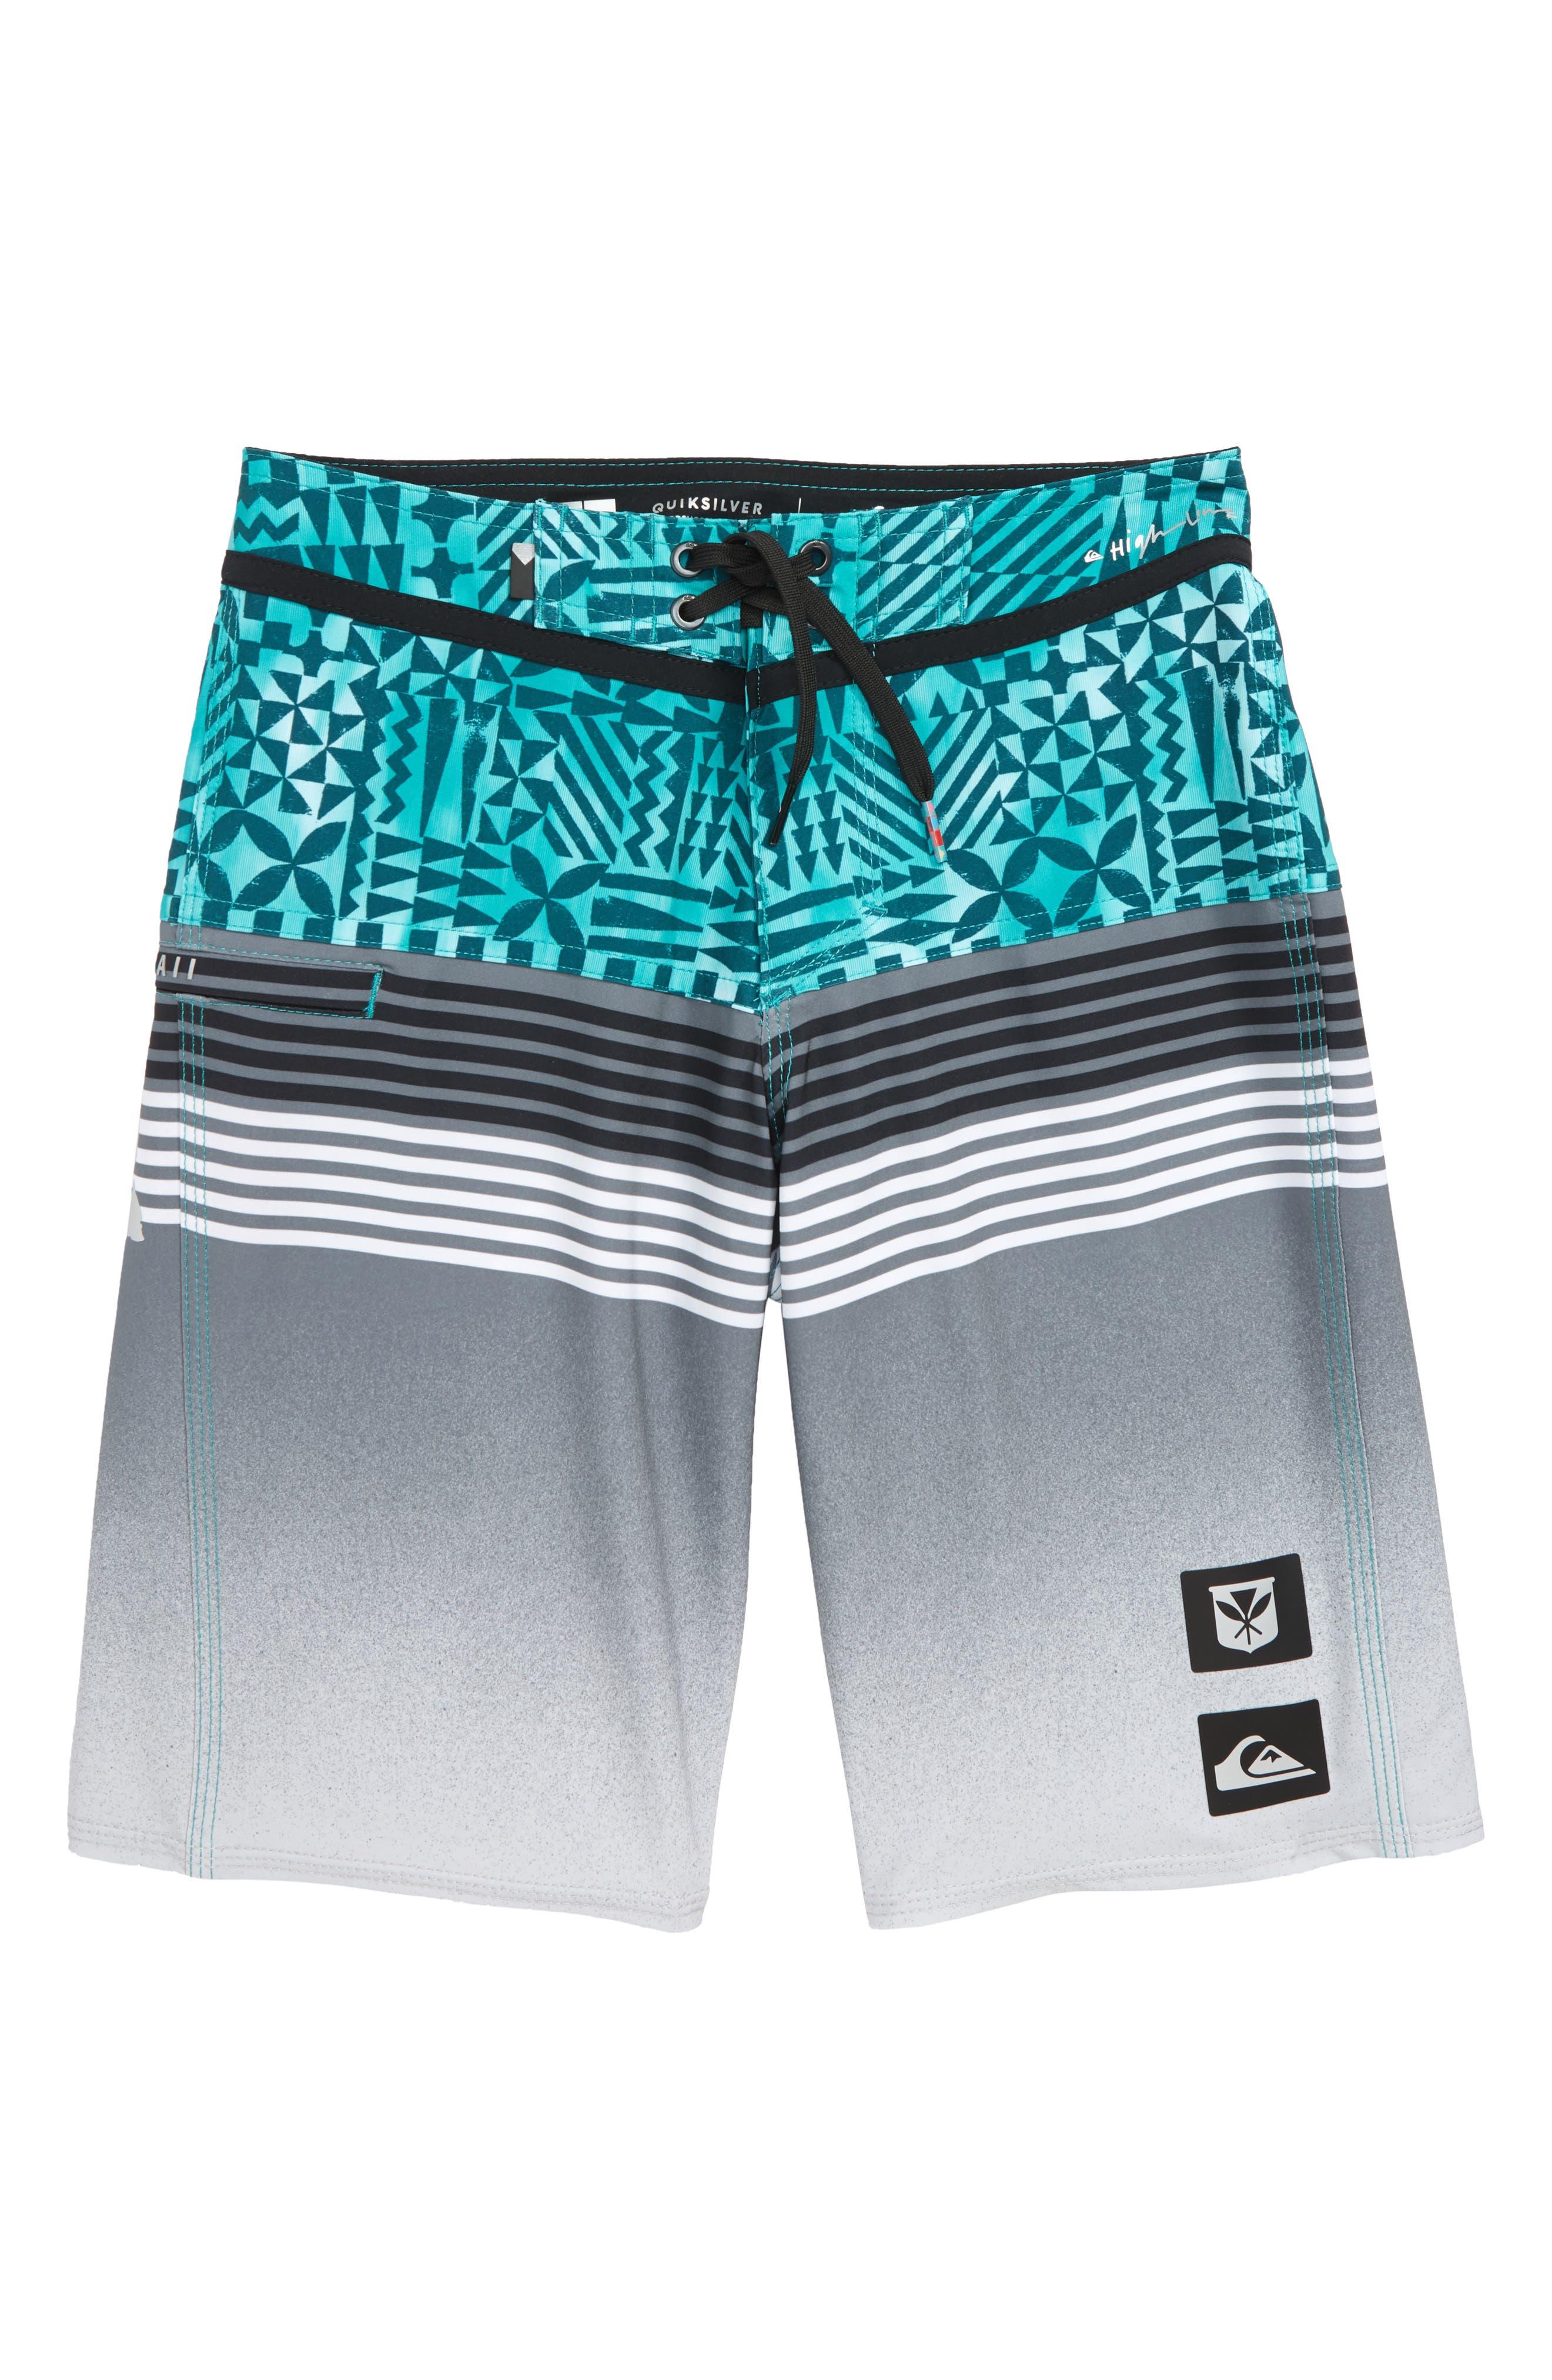 Highline Hawaii Board Shorts,                             Main thumbnail 1, color,                             328